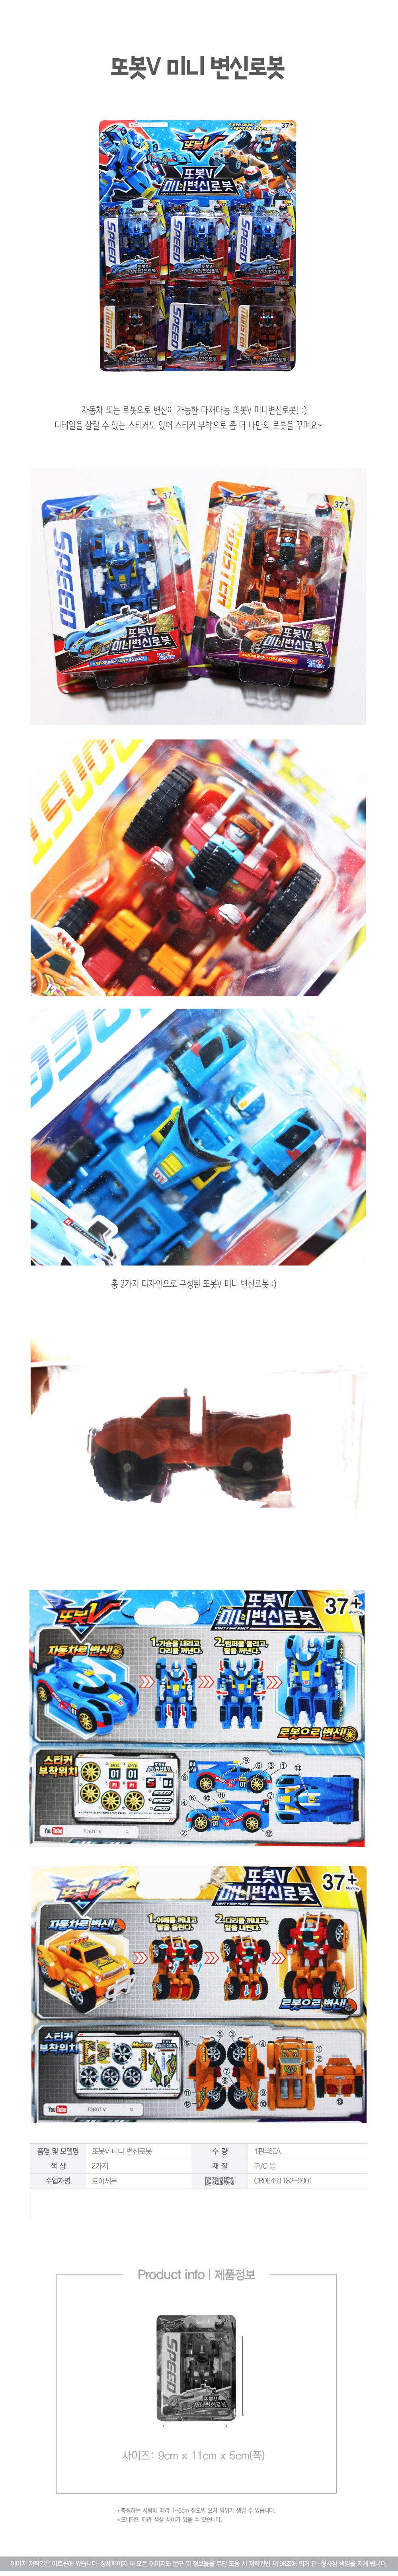 5000또봇V미니변신로봇(1판-6EA)29,900원-아트윈키덜트/취미, 장난감/게임기, 로봇/틴토이, 로봇바보사랑5000또봇V미니변신로봇(1판-6EA)29,900원-아트윈키덜트/취미, 장난감/게임기, 로봇/틴토이, 로봇바보사랑